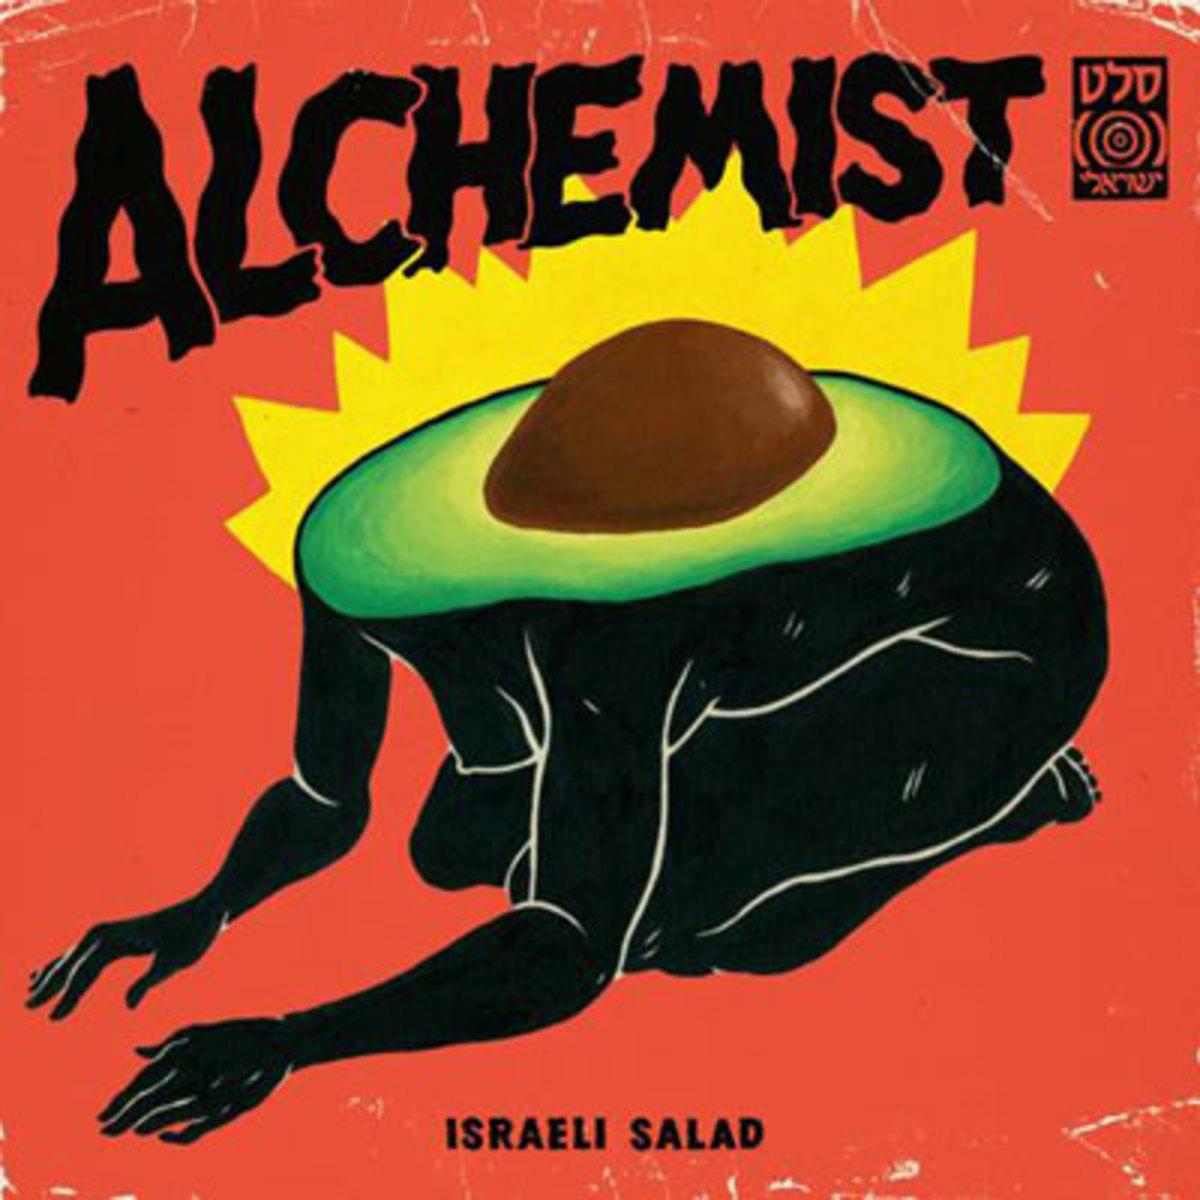 alchemist-israeli-salad.jpg